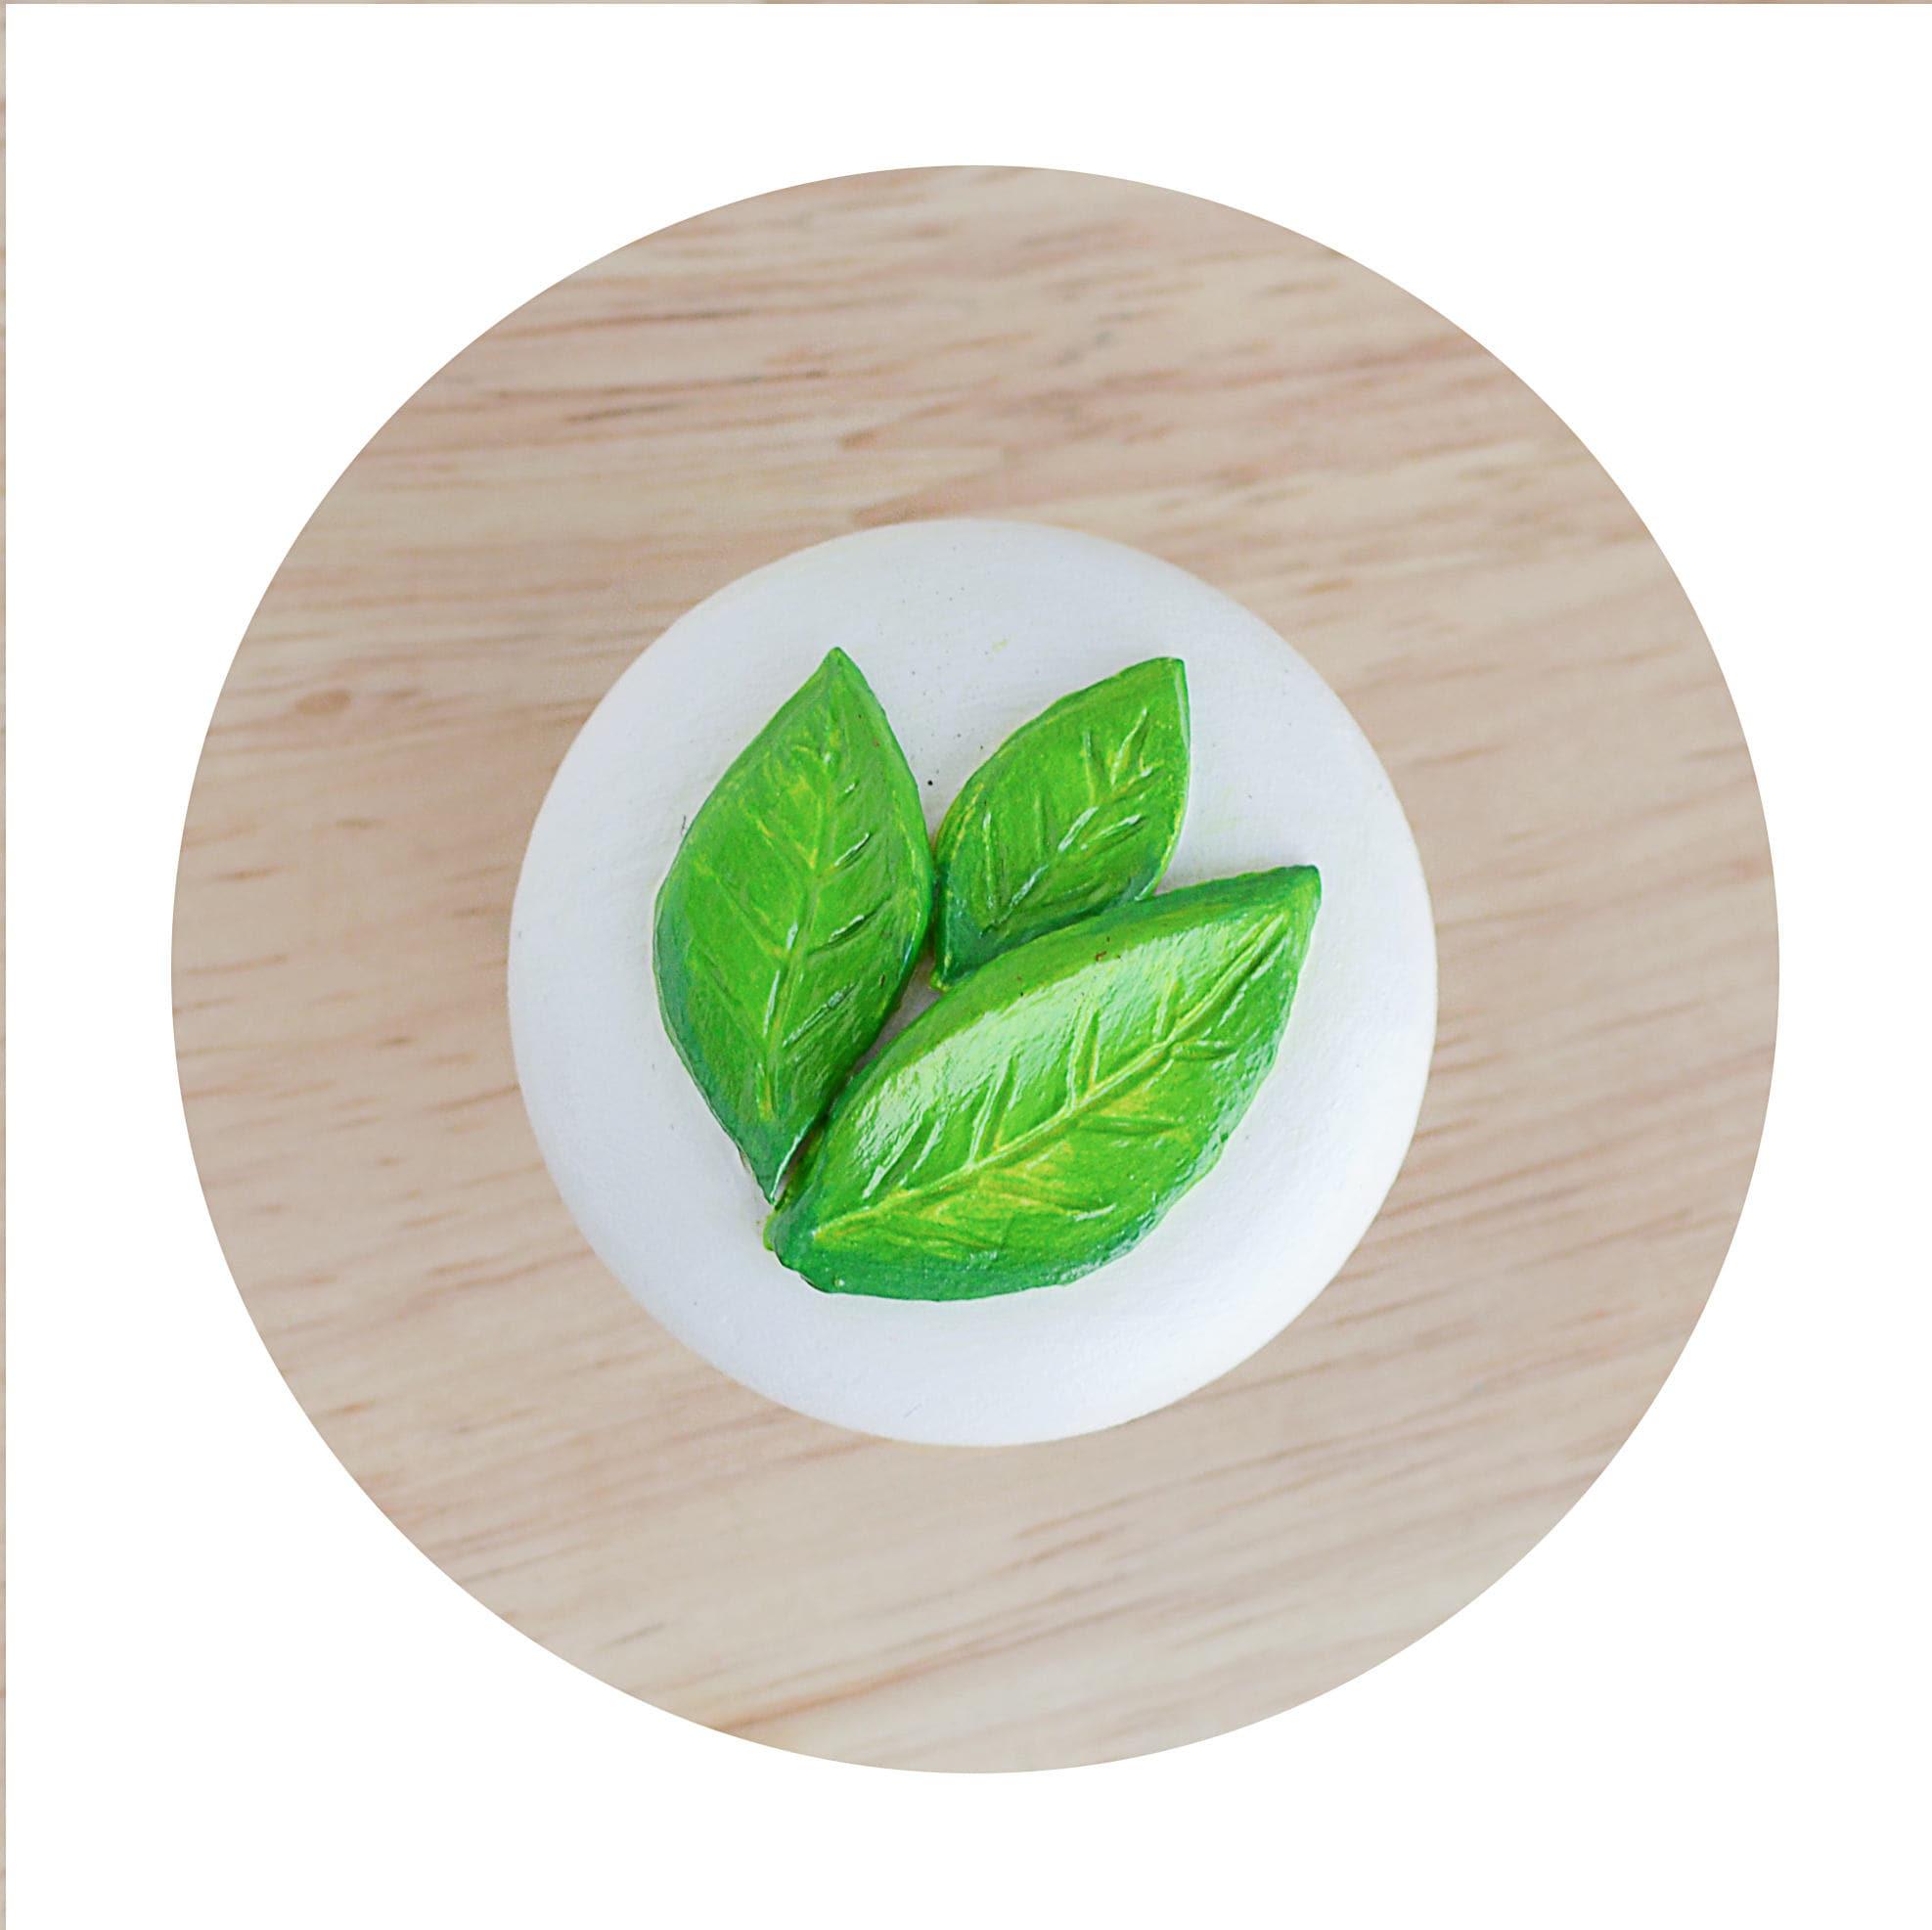 Knäufe Möbelknauf weiße Knöpfe Knopf Green Leaf Schublade